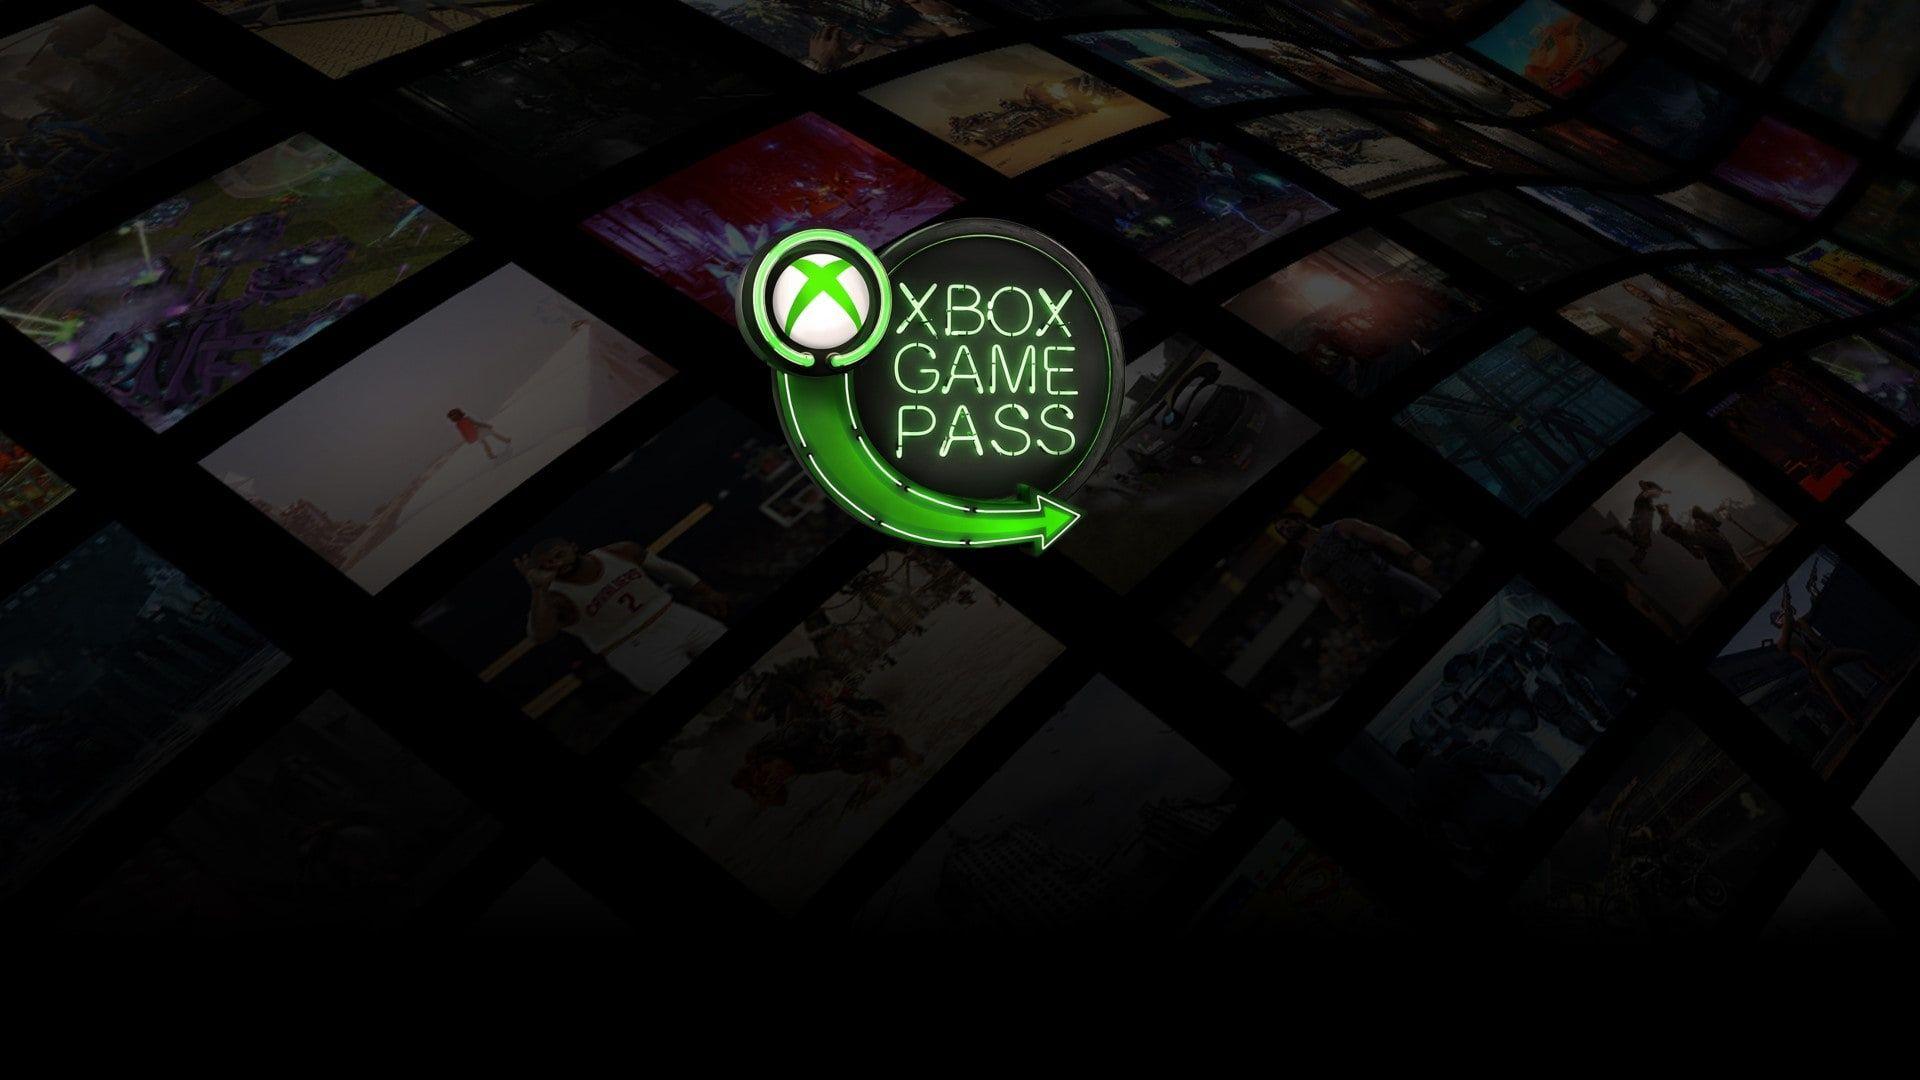 xbox_game_pass.jpg